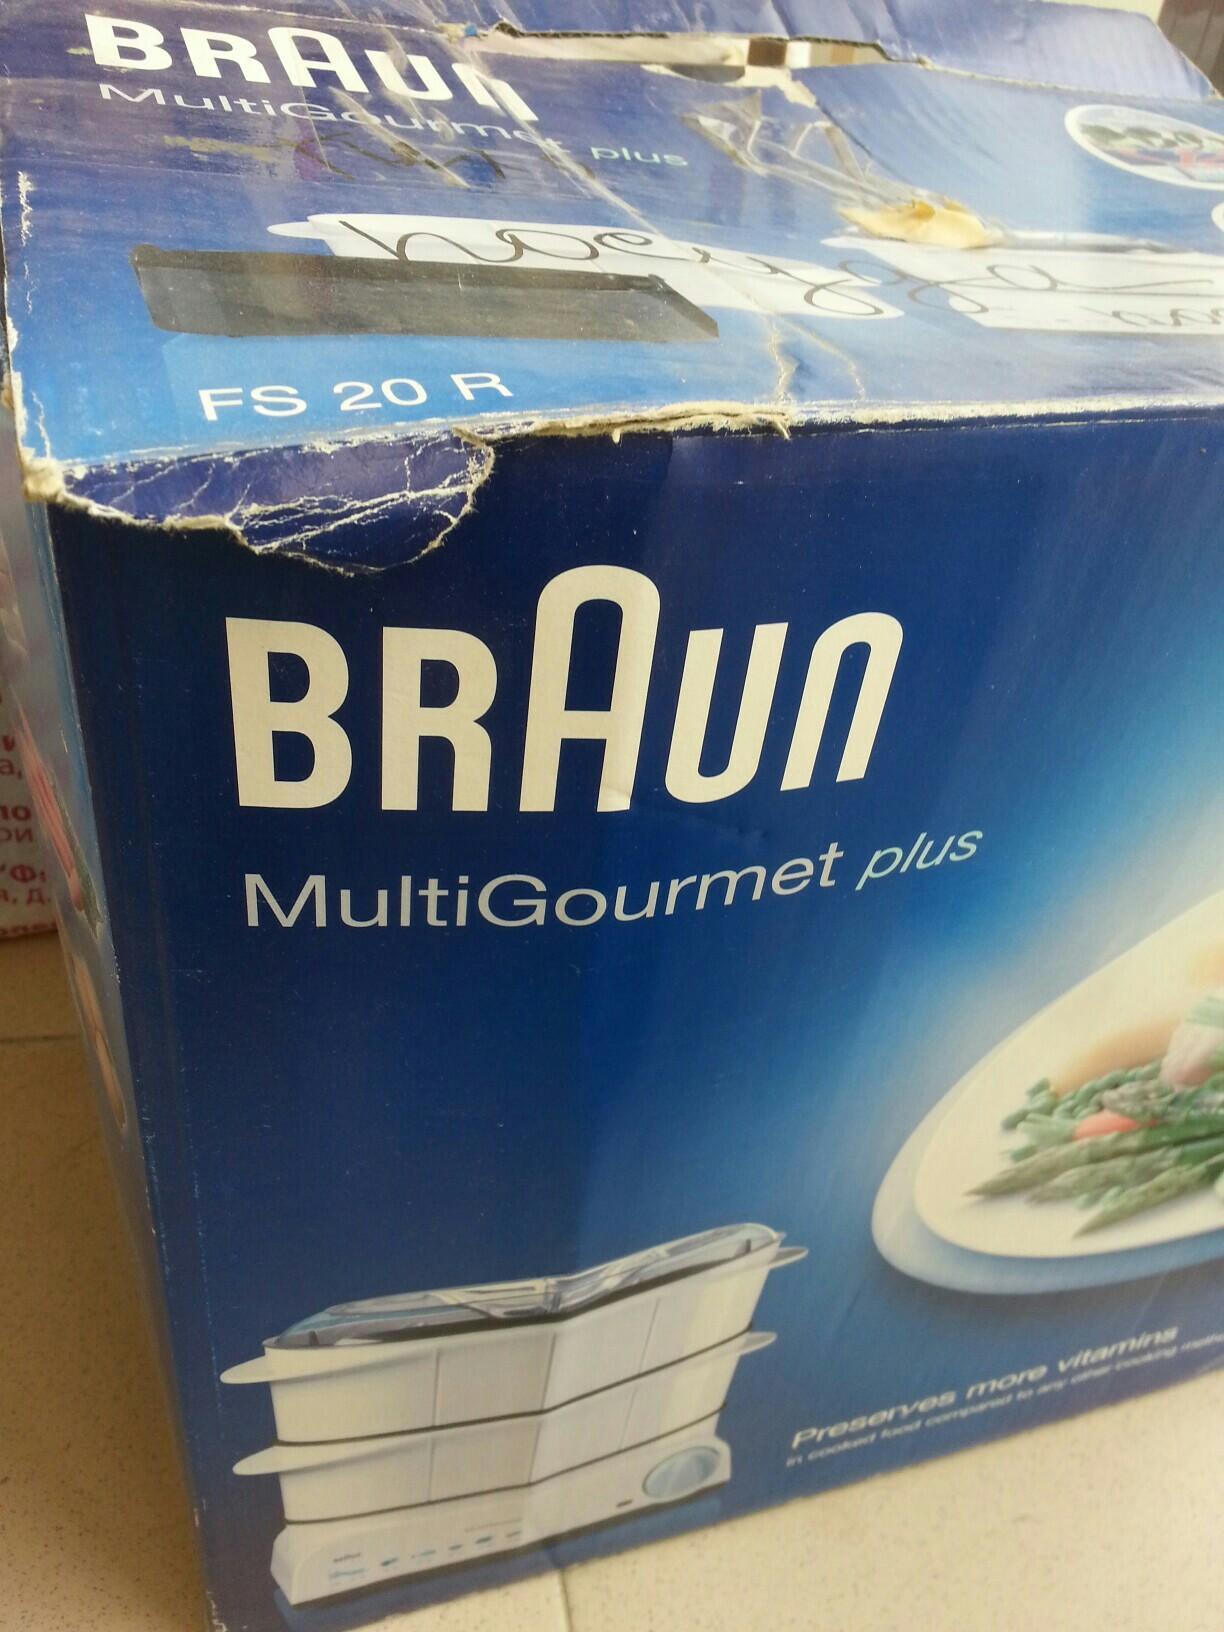 Пароварка BRAUN FS 20 R Multi Gourmet plus 89255858335 купить 4